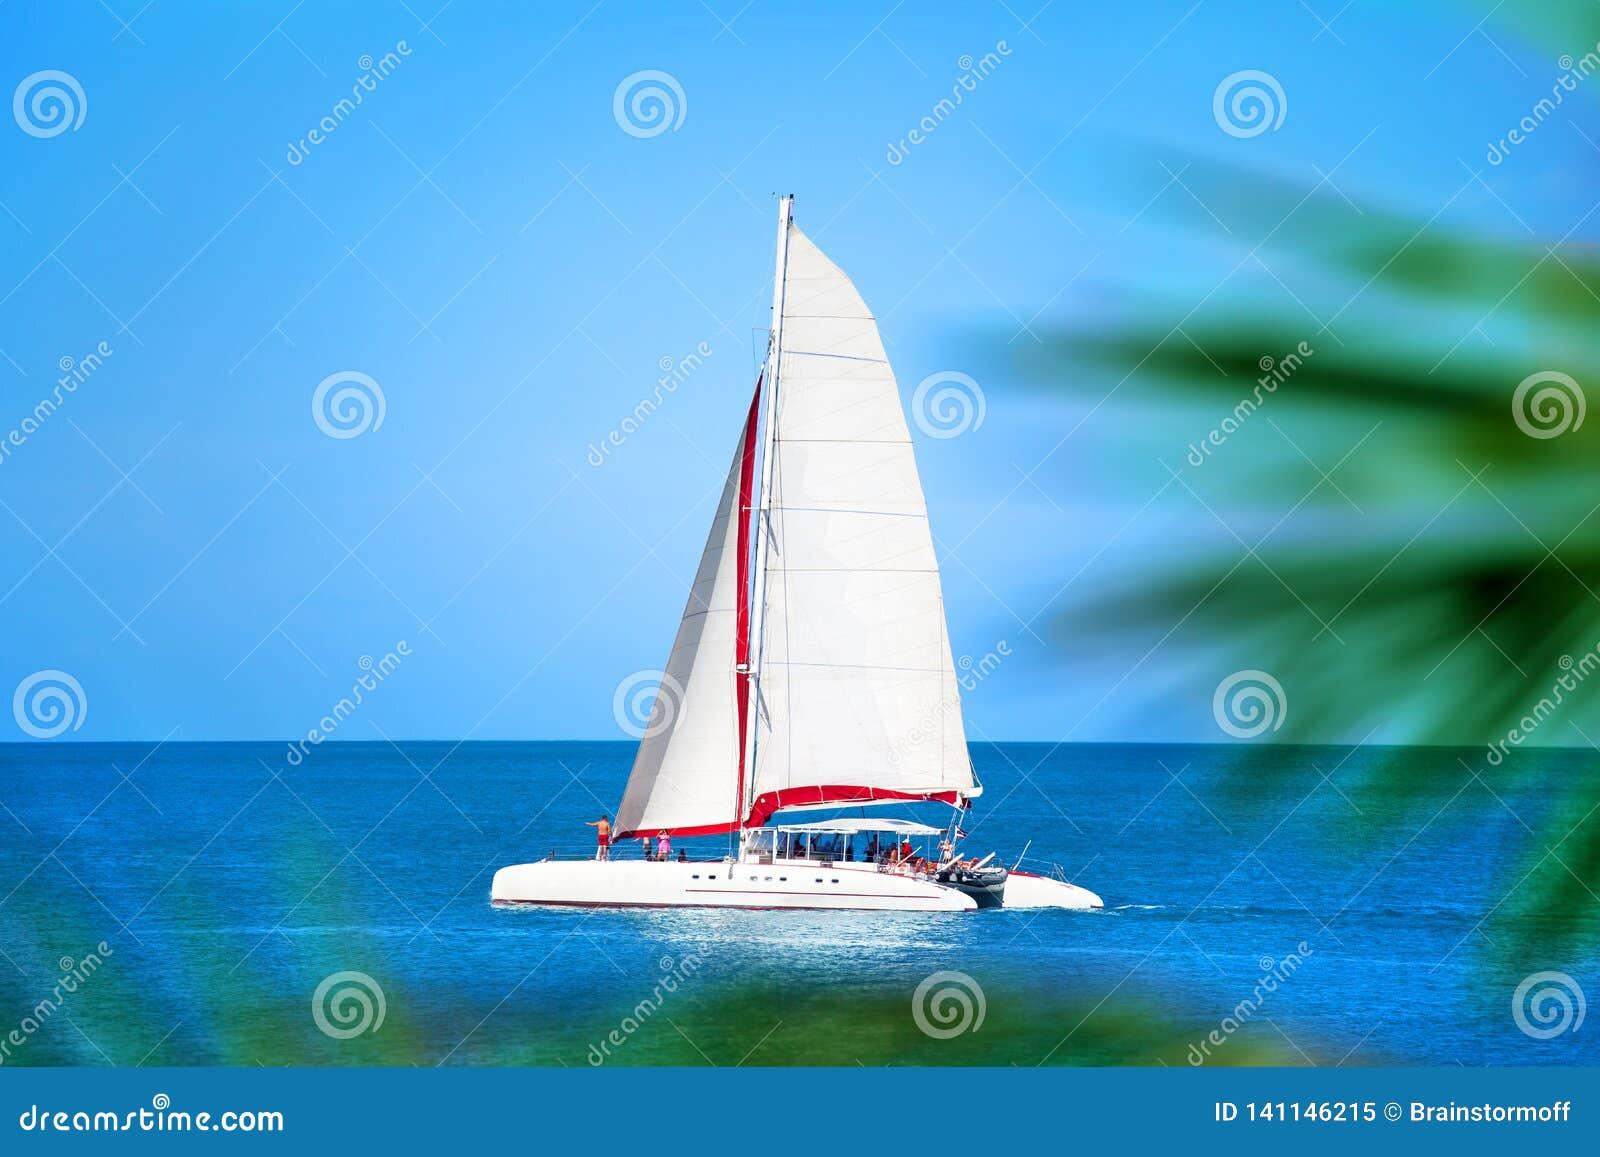 Катамаран с белым ветрилом в голубом море, ветвях предпосылке ладони, людях ослабляет на шлюпке, отключении моря летних каникулов